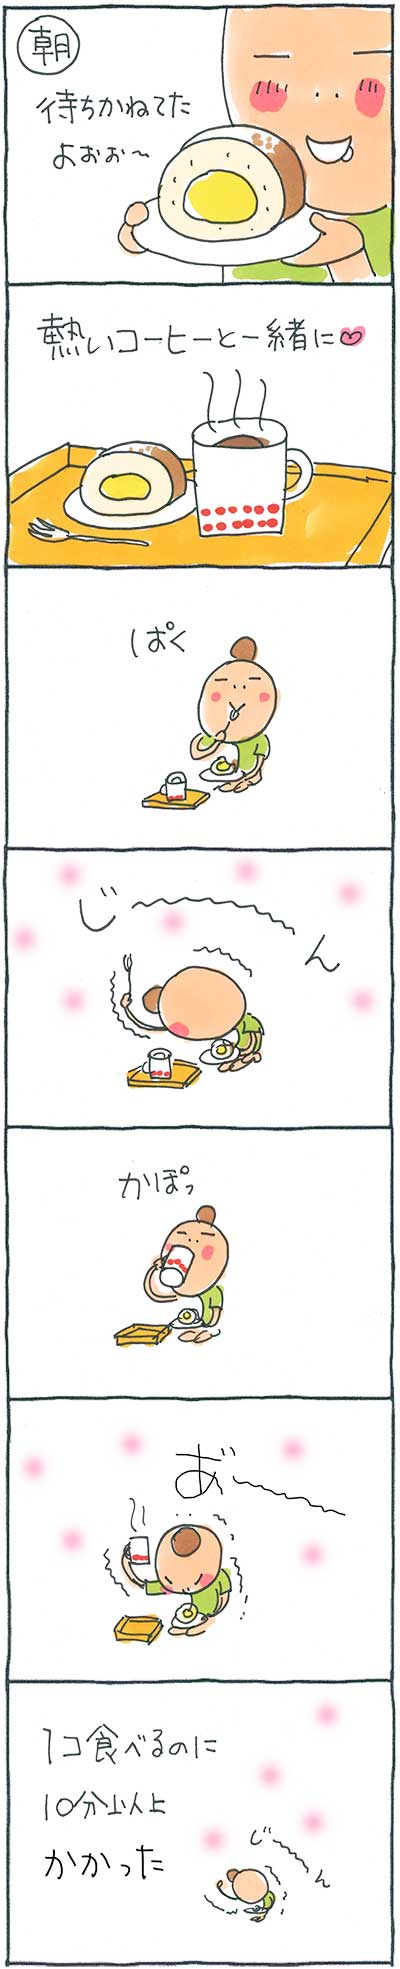 160727ロールケーキ